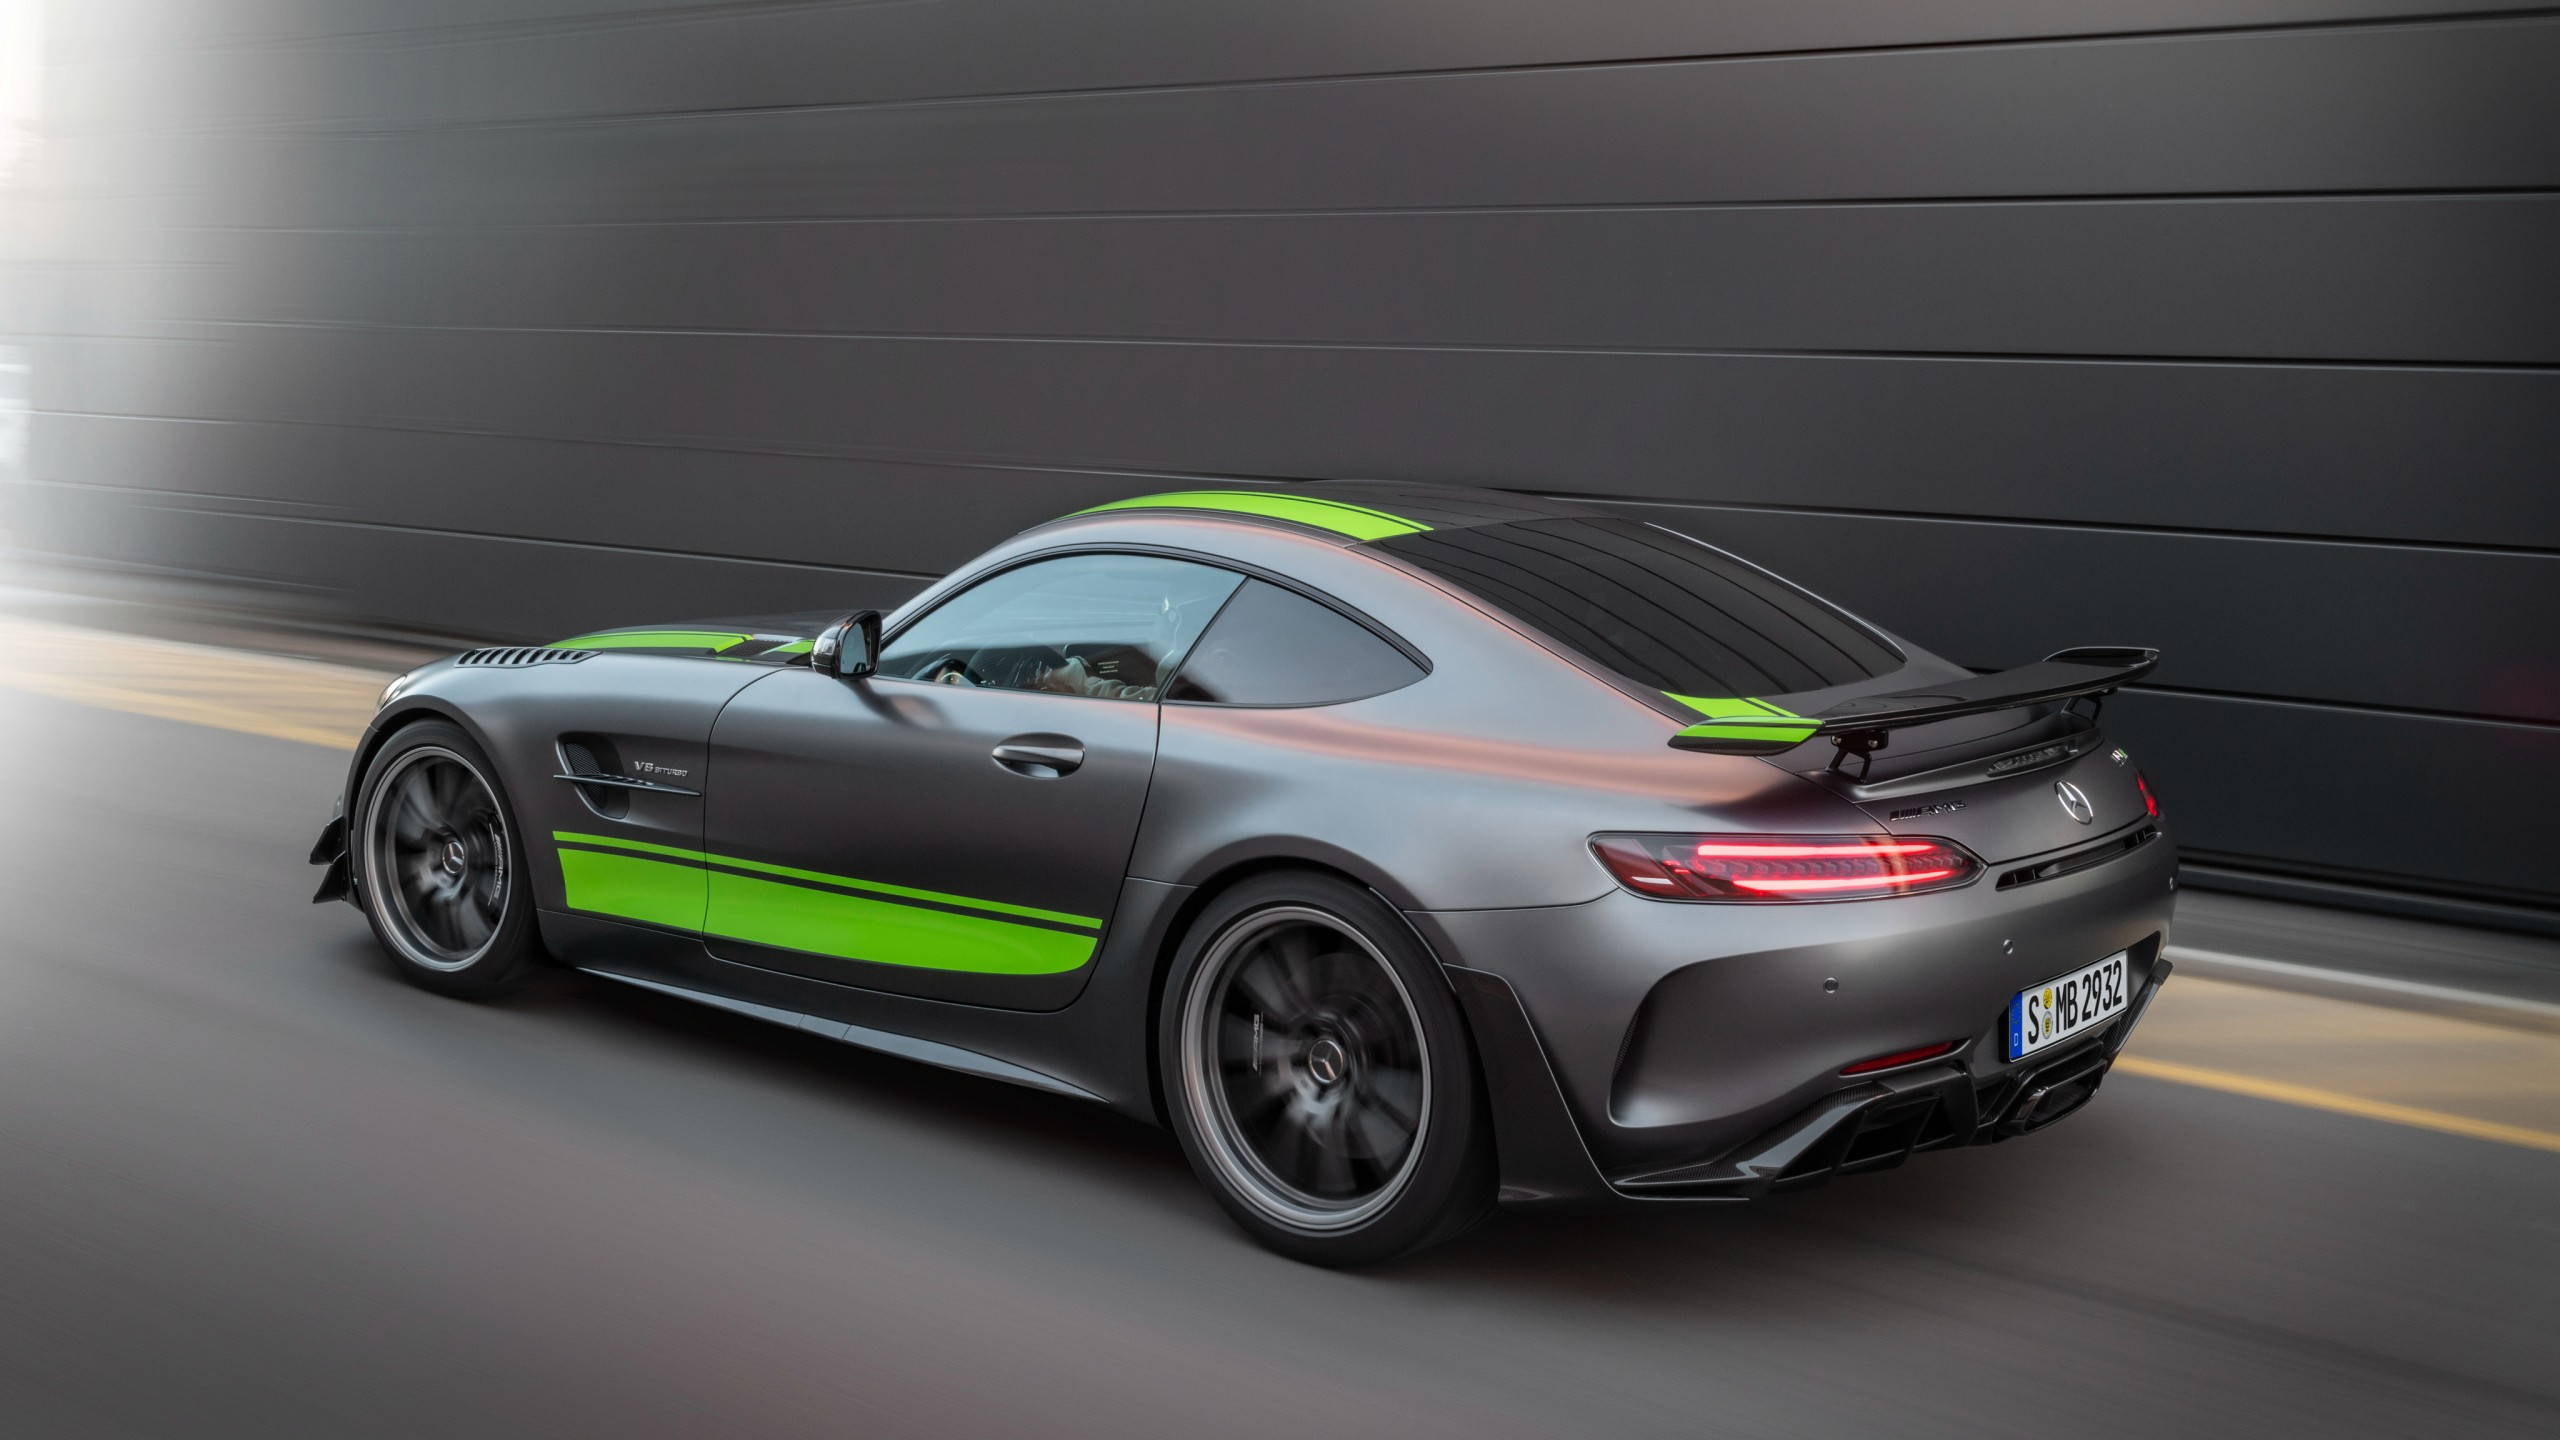 Mercedes Amg Gt R Pro 2019 4k 5 Wallpaper Hd Car